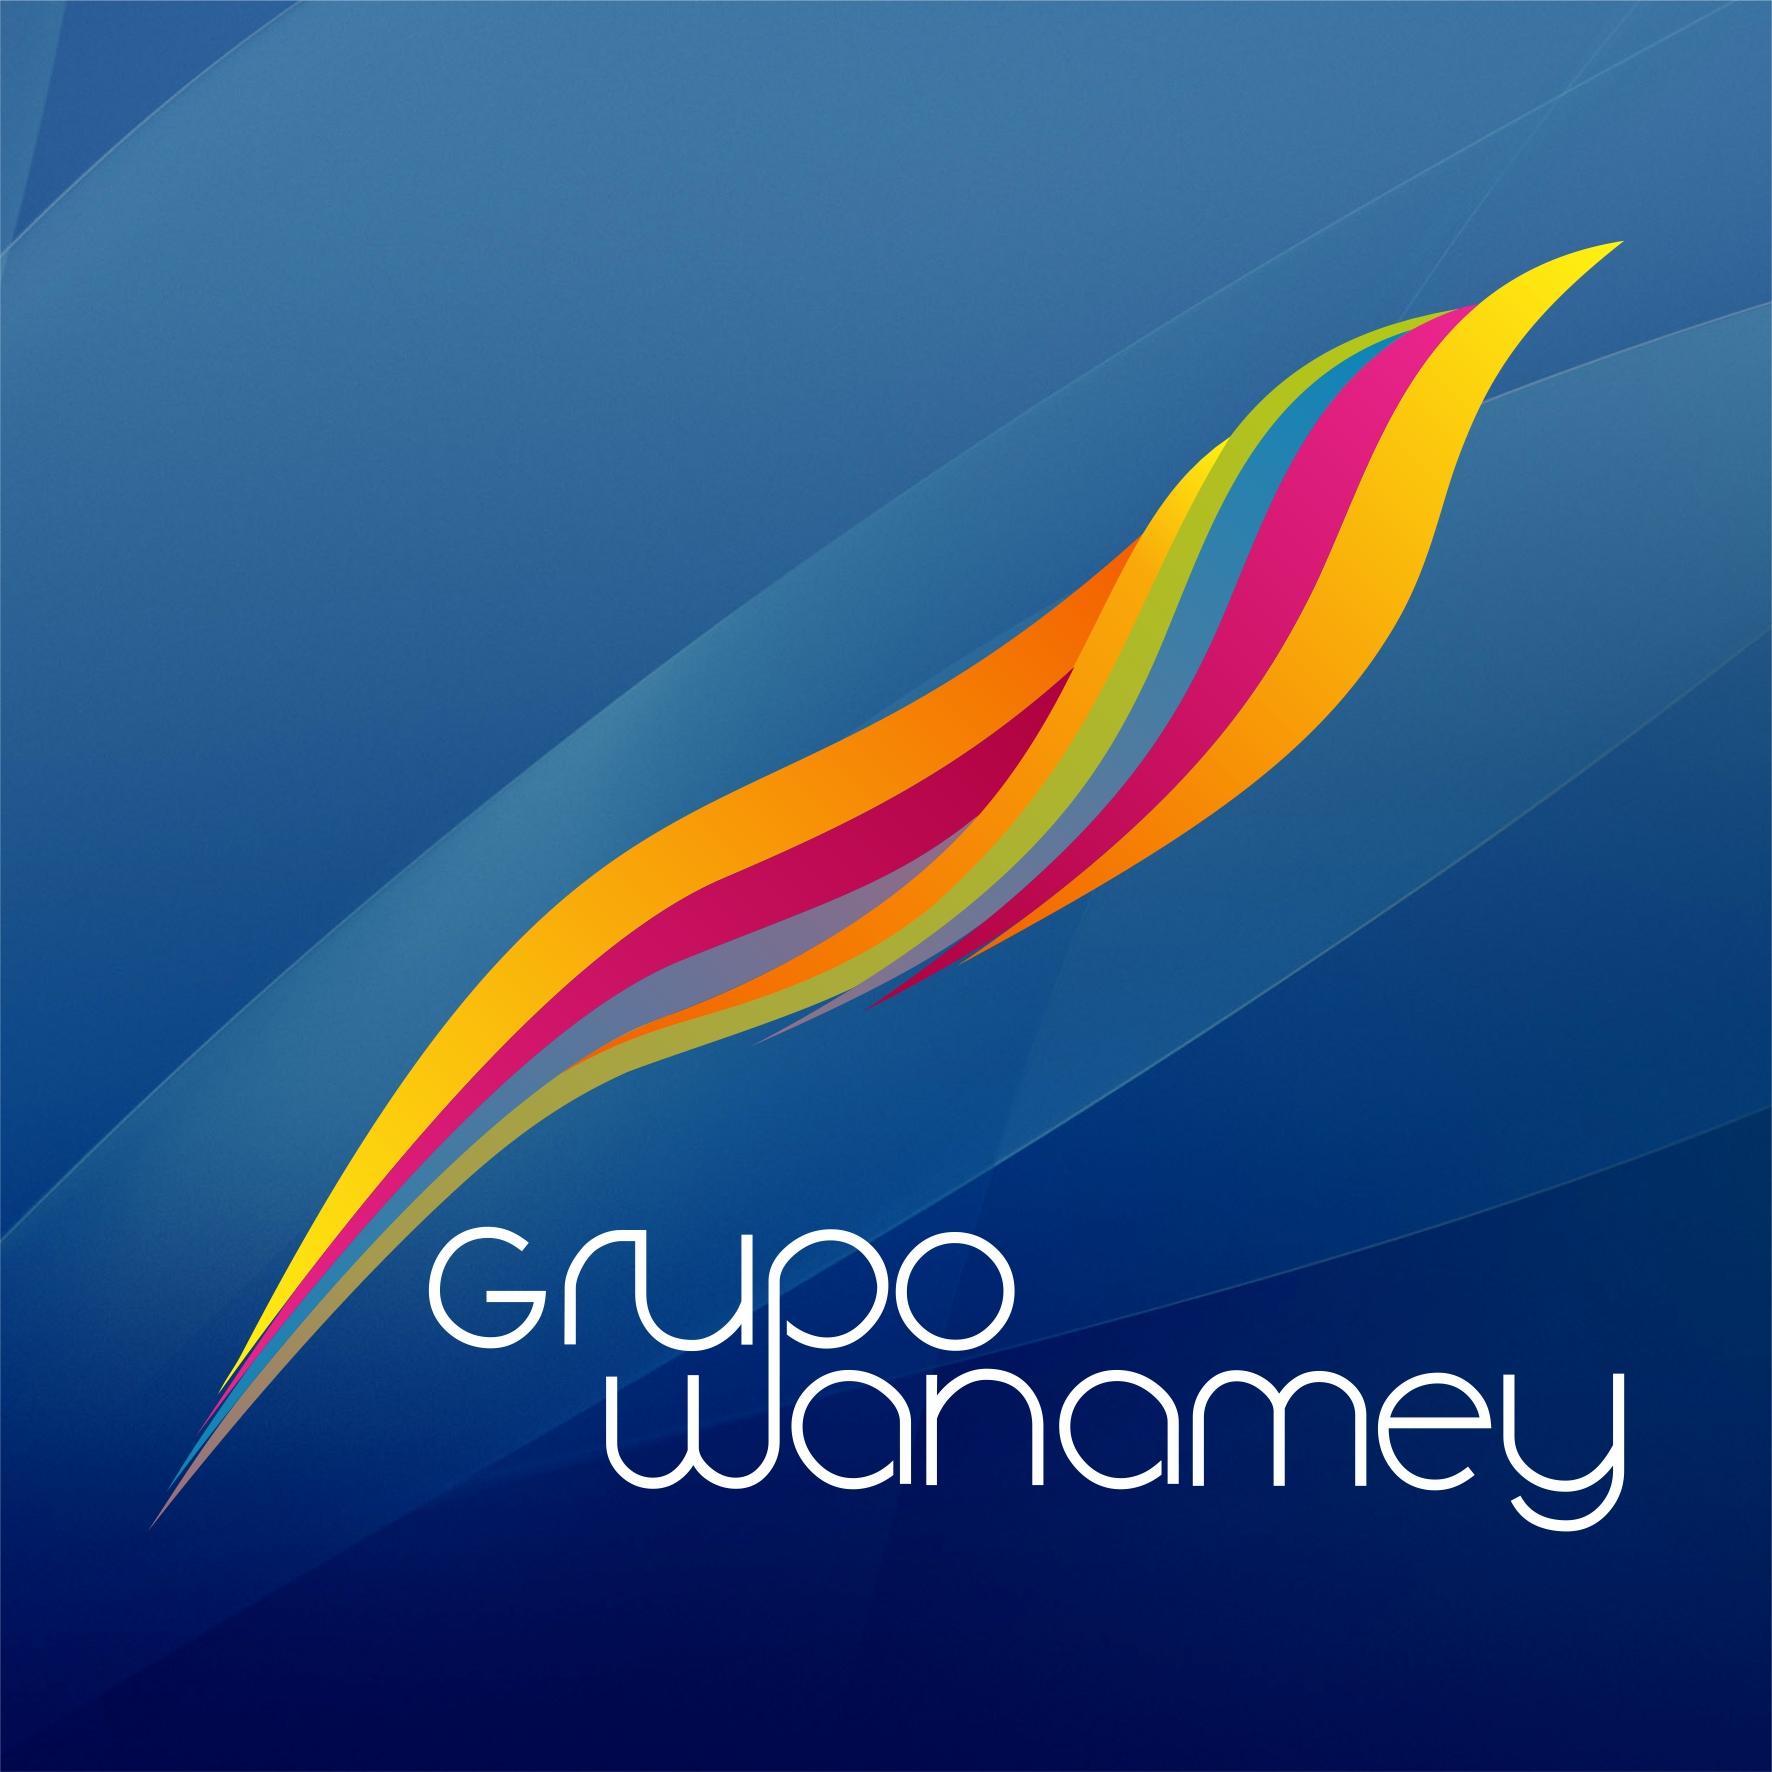 wanamey